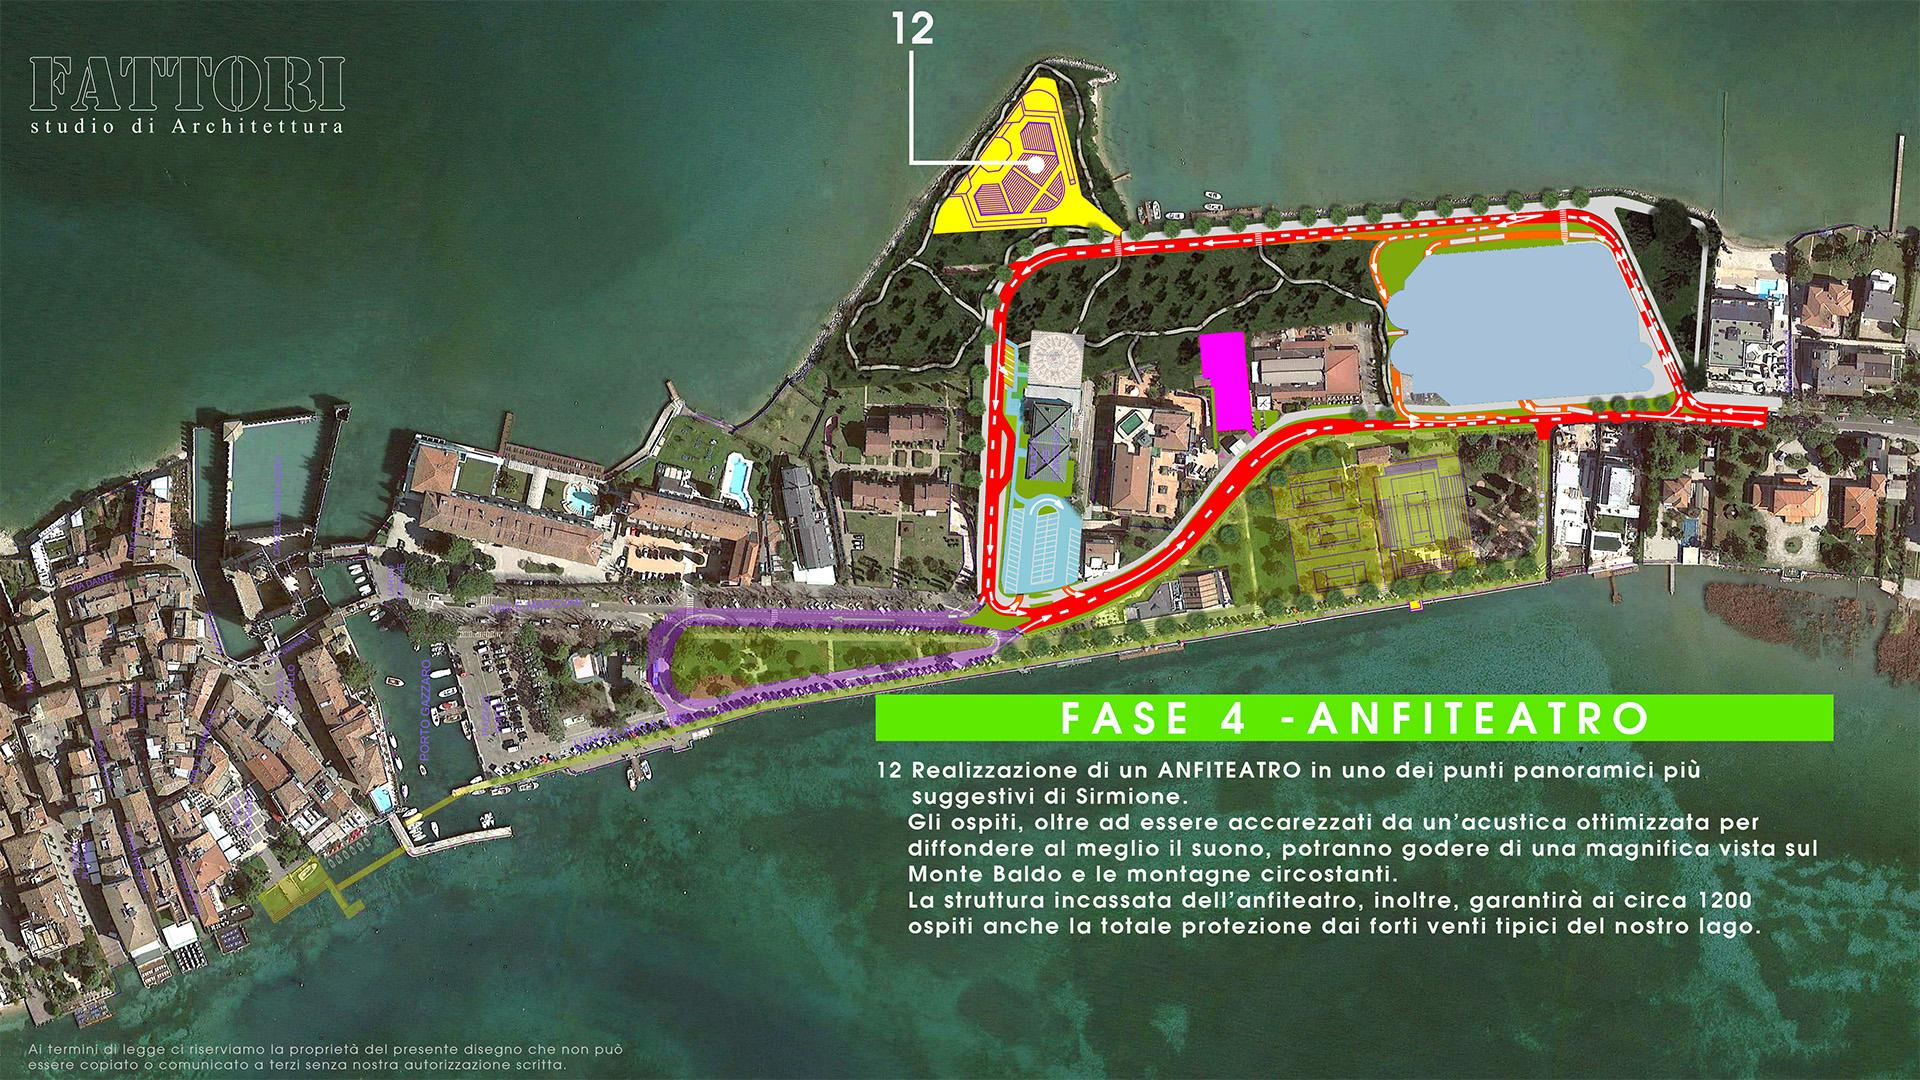 Studio di Architettura Fattori Fausto - Viabilità Sirmione il progetto - Fase 4 Anfiteatro Sirmione